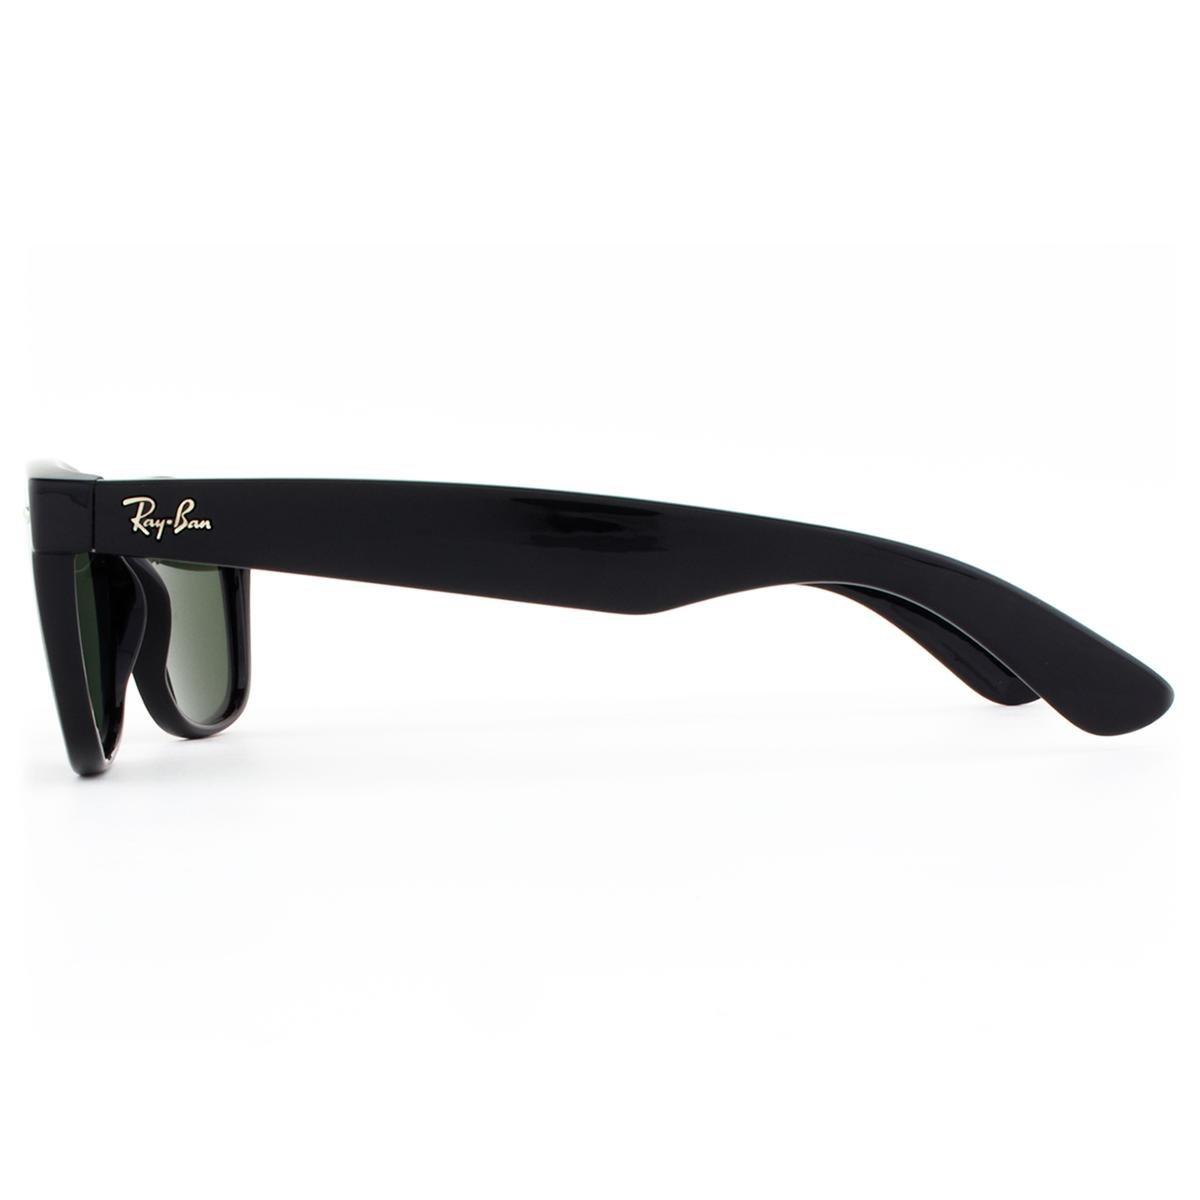 ... Óculos de Sol Ray Ban New Wayfarer Classic RB2132LL 901L-55 Masculino 836dd568d9